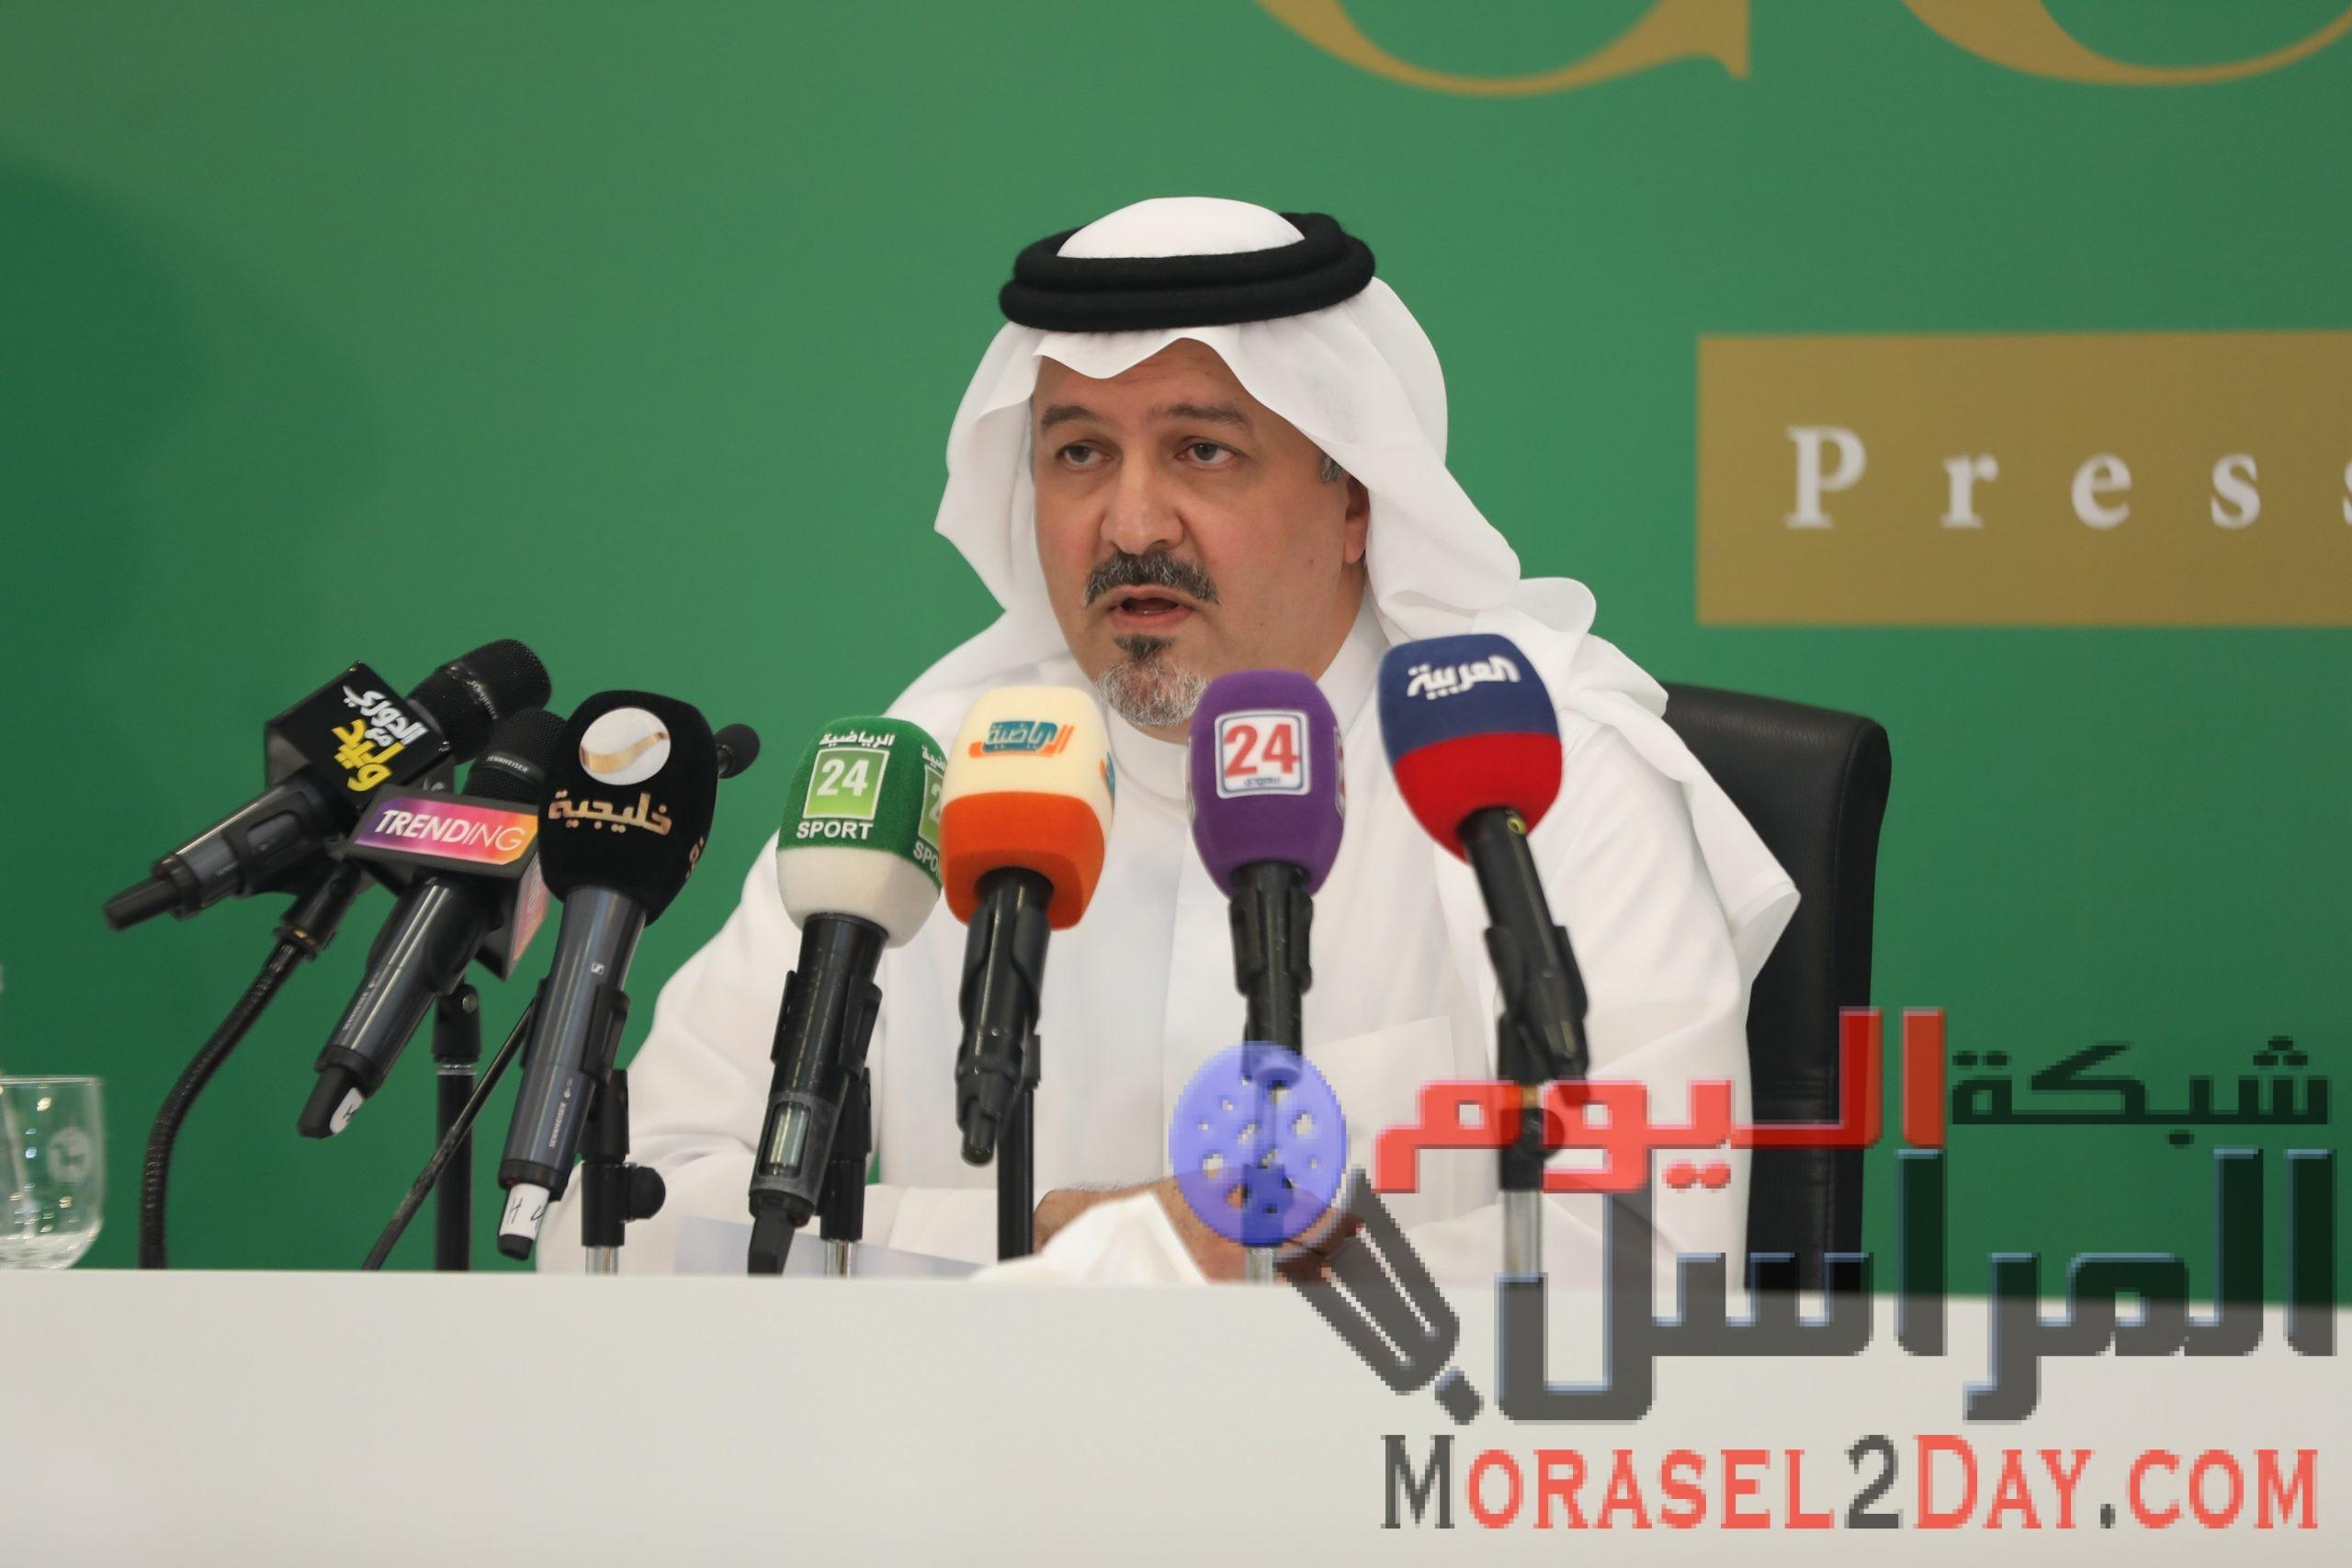 السعودية تطلق أغلى سباق خيل سرعة في العالم